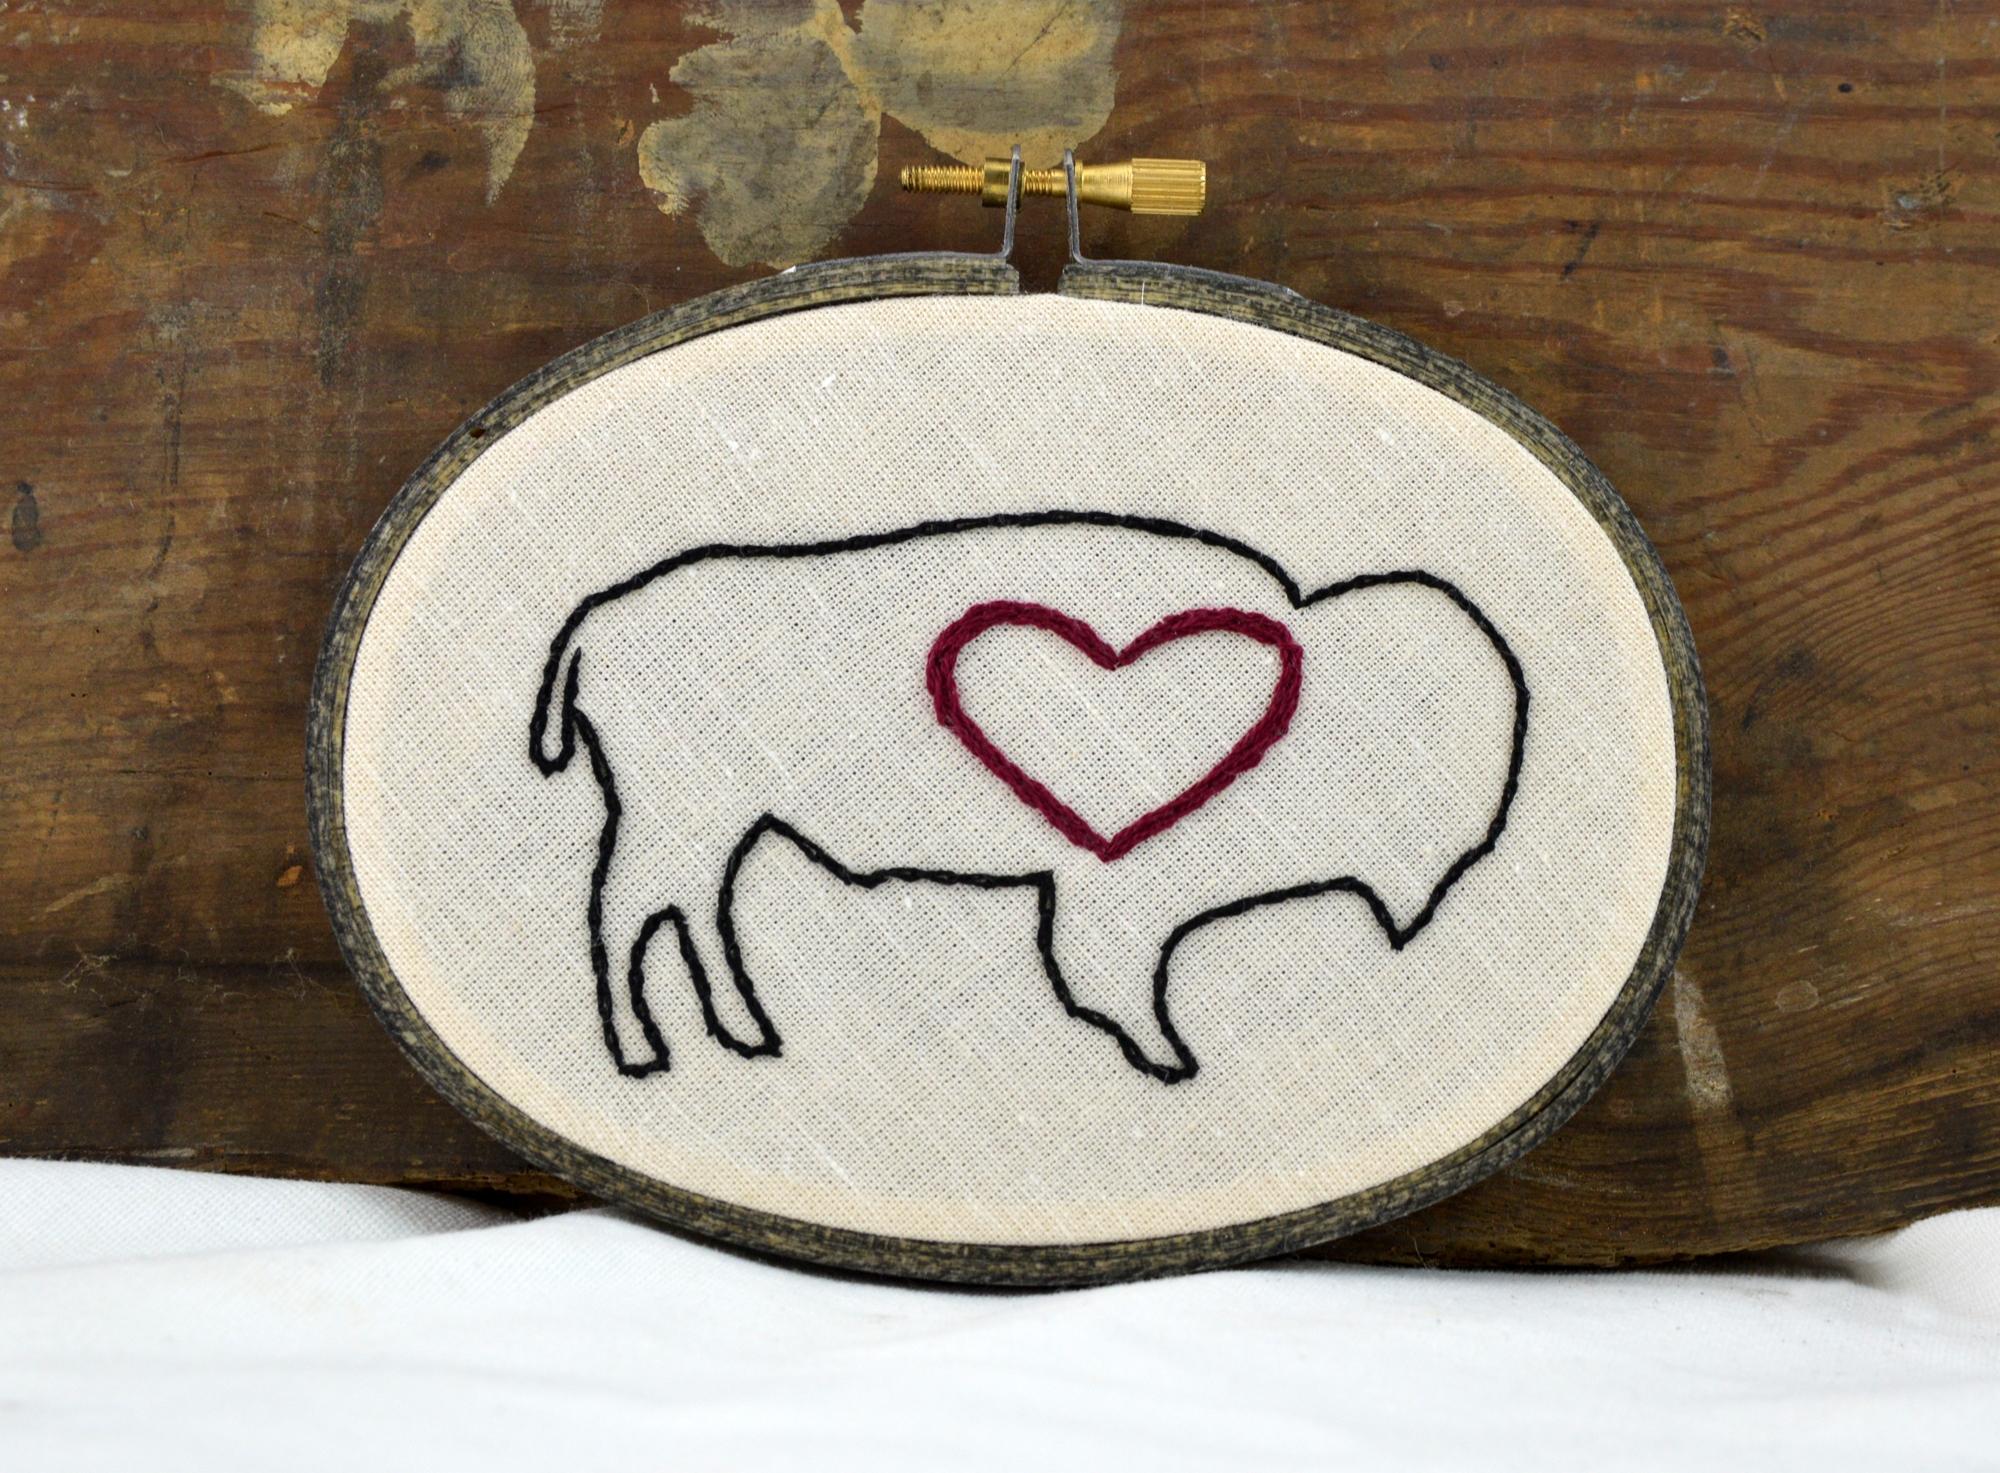 buffalo heart embroidery made in buffalo ny gift shop